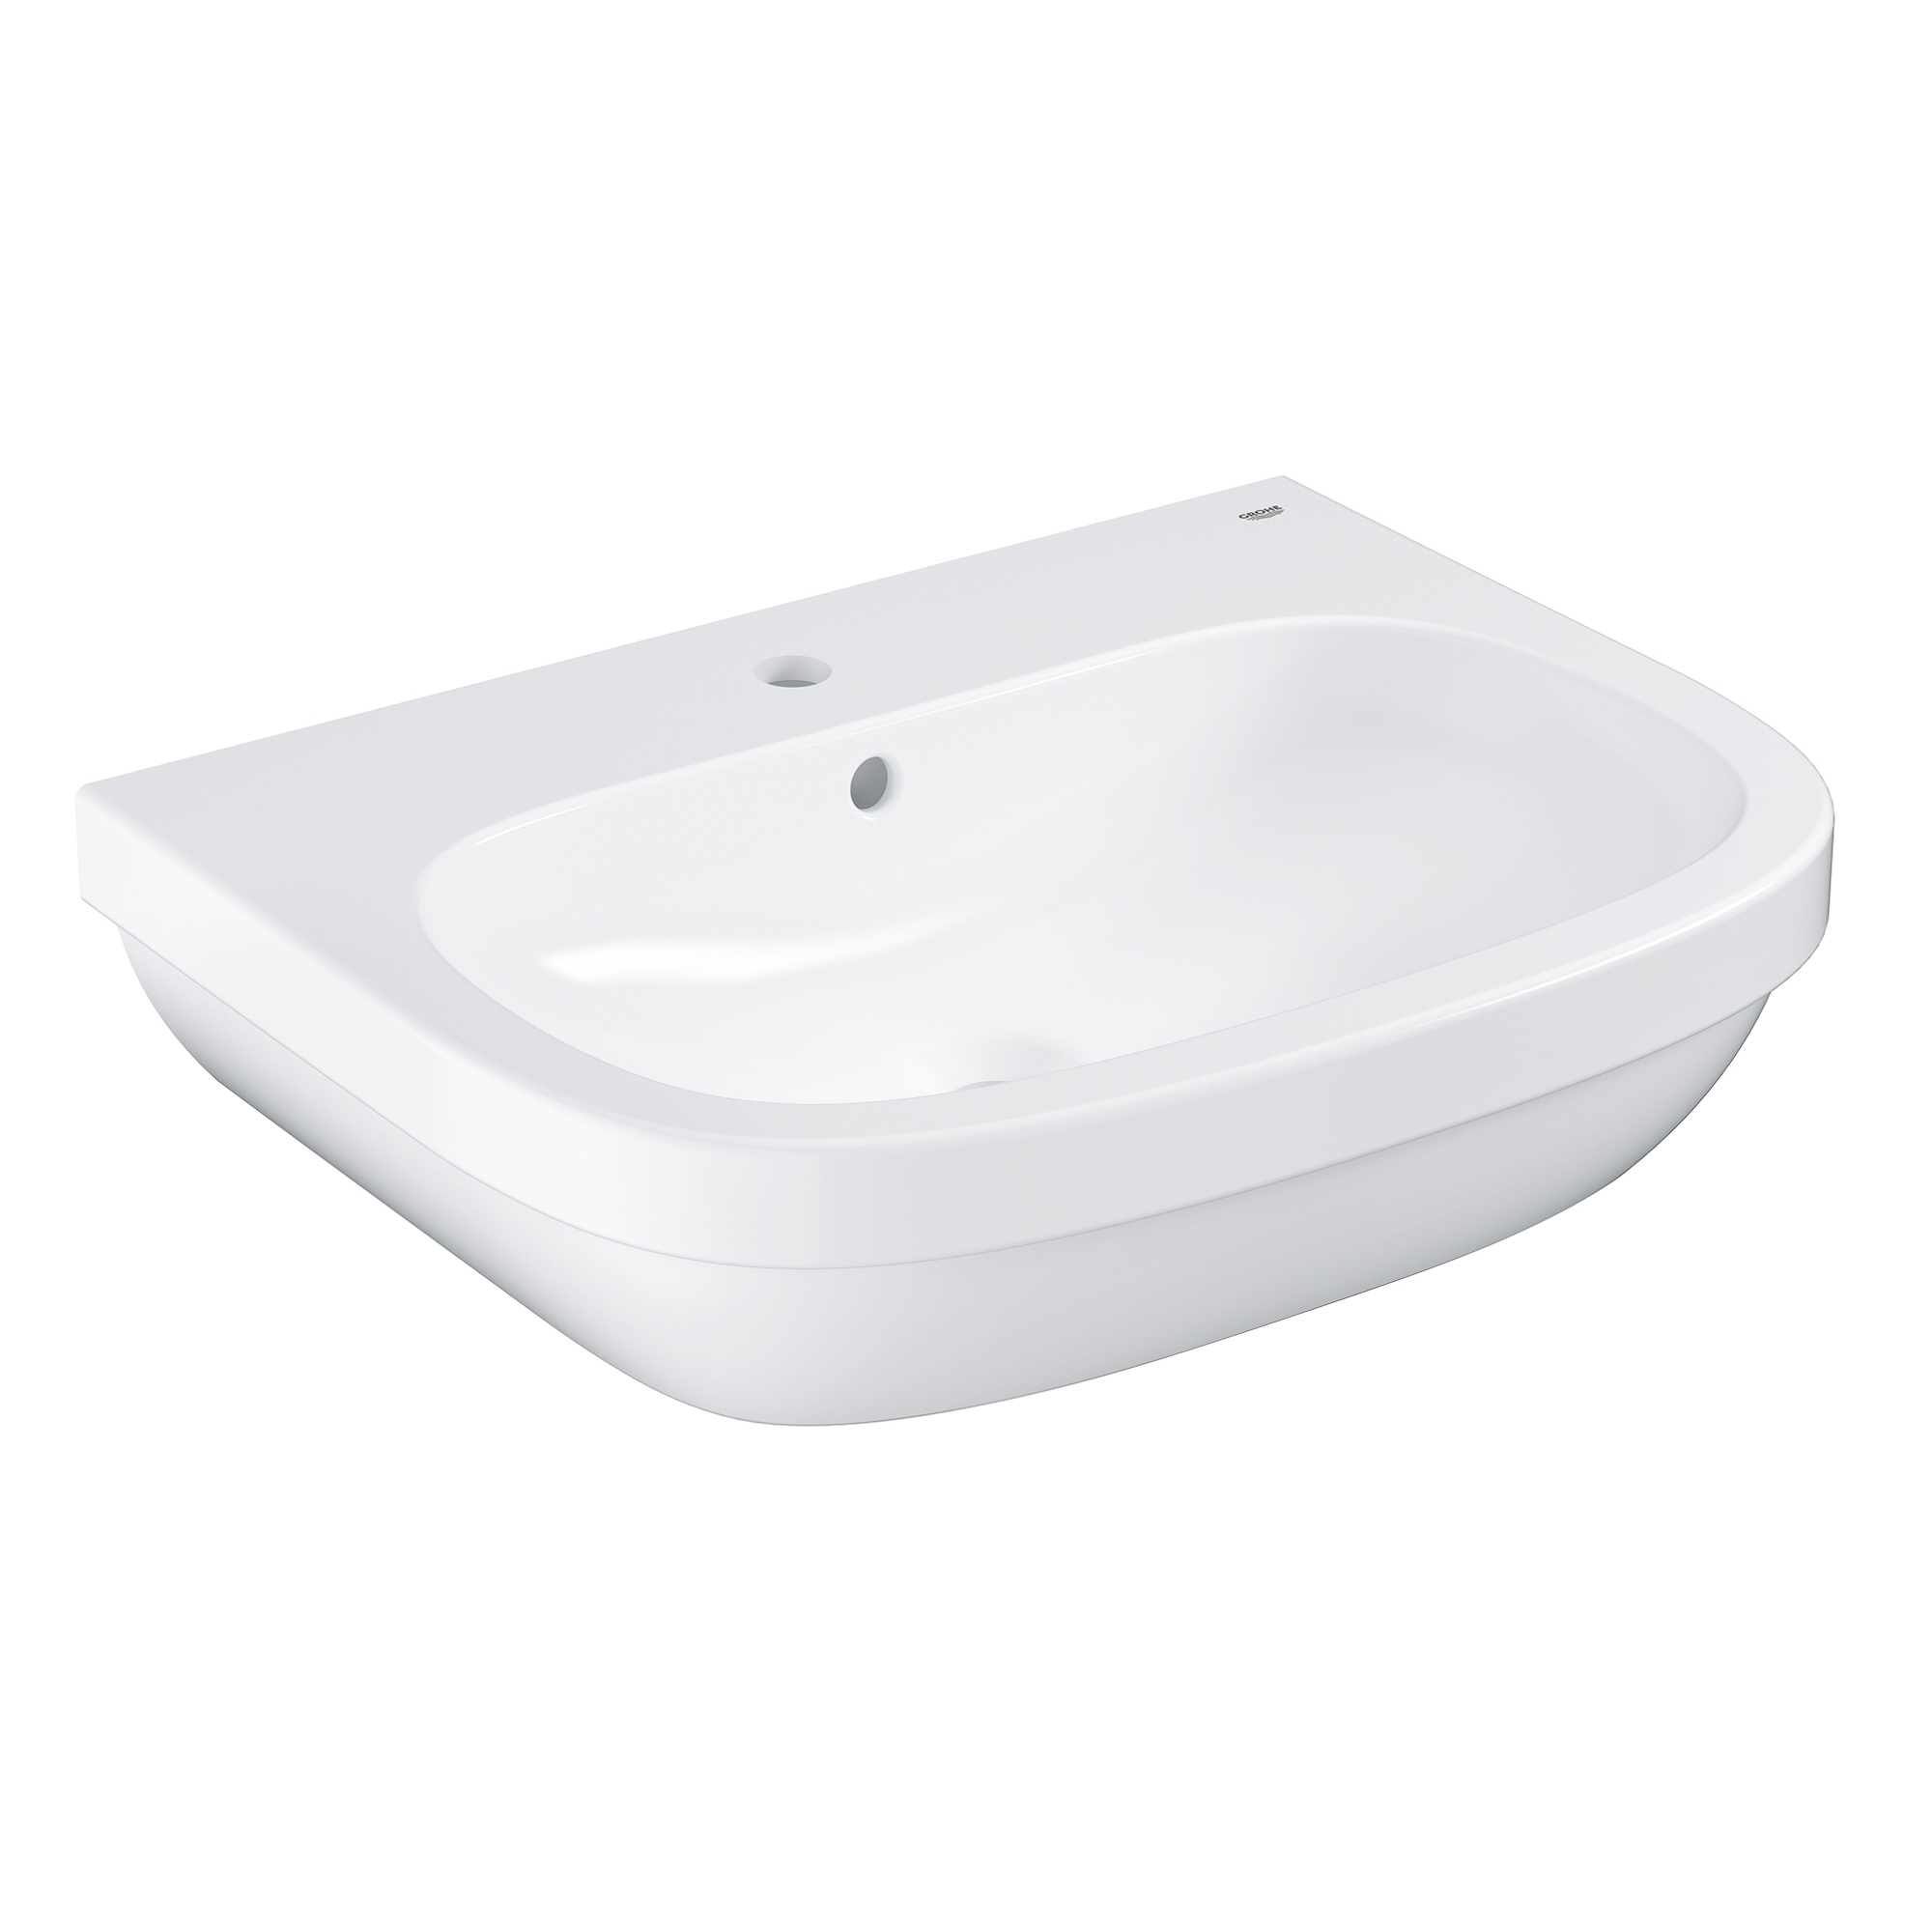 Купить Раковина GROHE Euro Ceramic 65 см, альпин-белый (39323000), Раковины санфаянс, Вьетнам, сантехнический фарфор